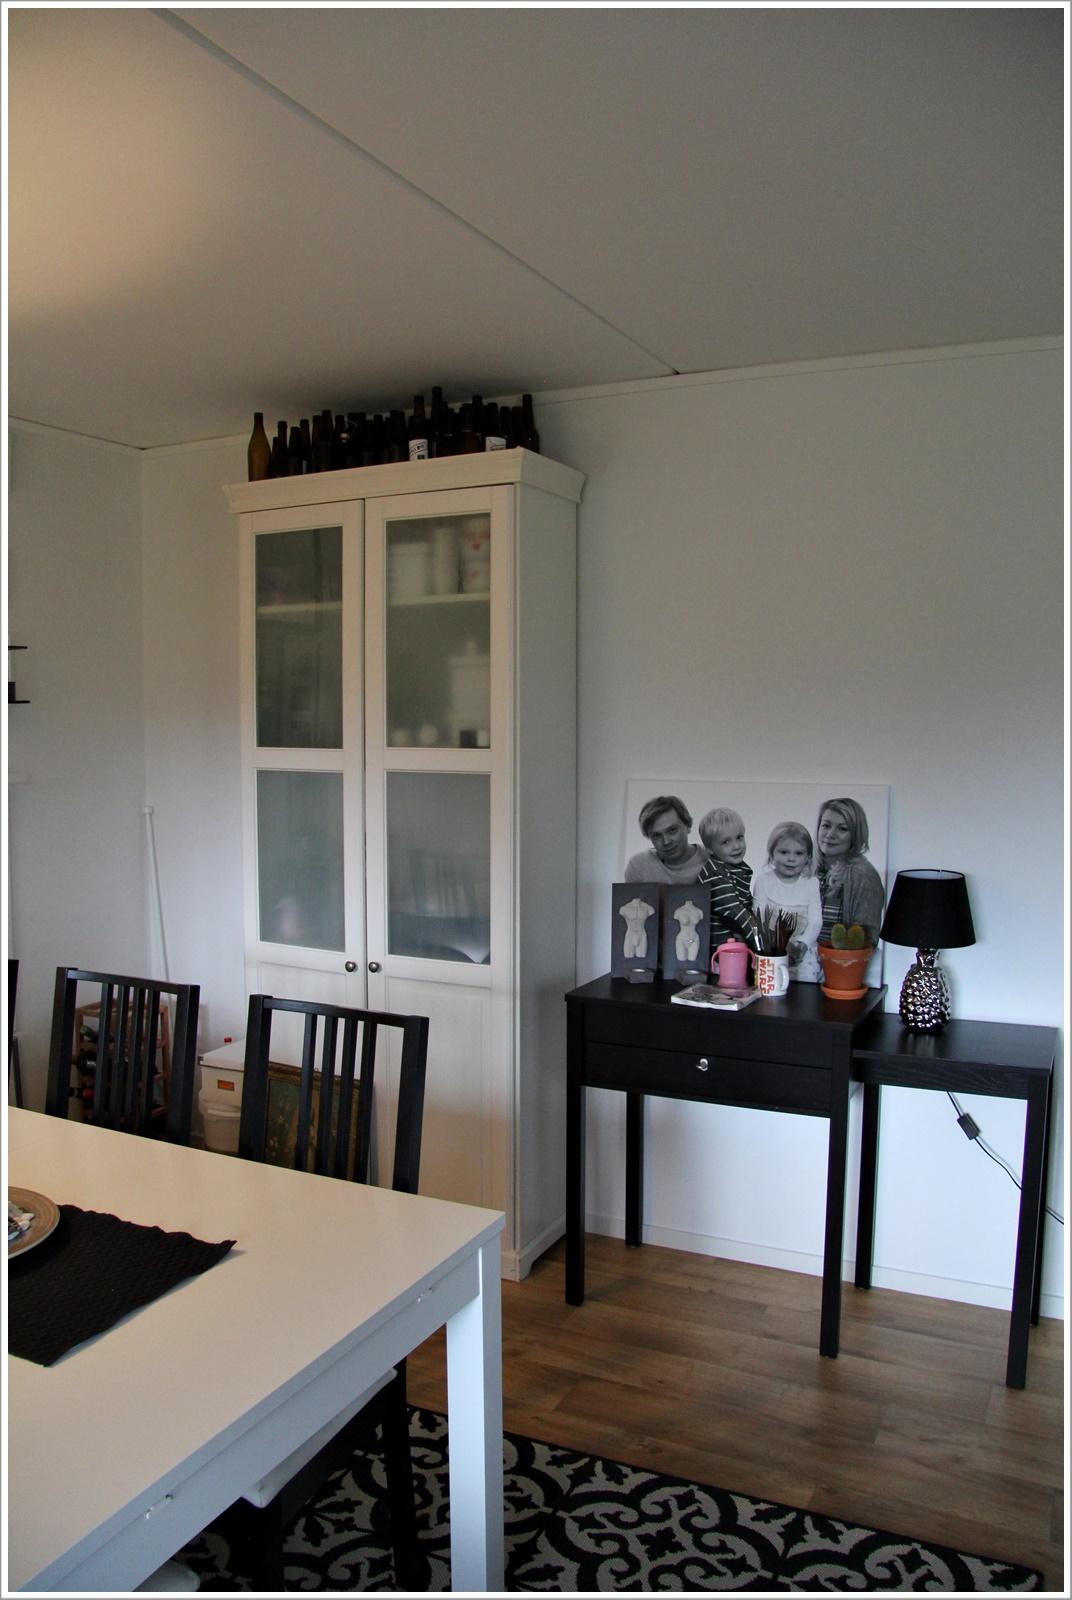 Familjen r på fjället: före och efter foton av vardagsrummet/matdelen